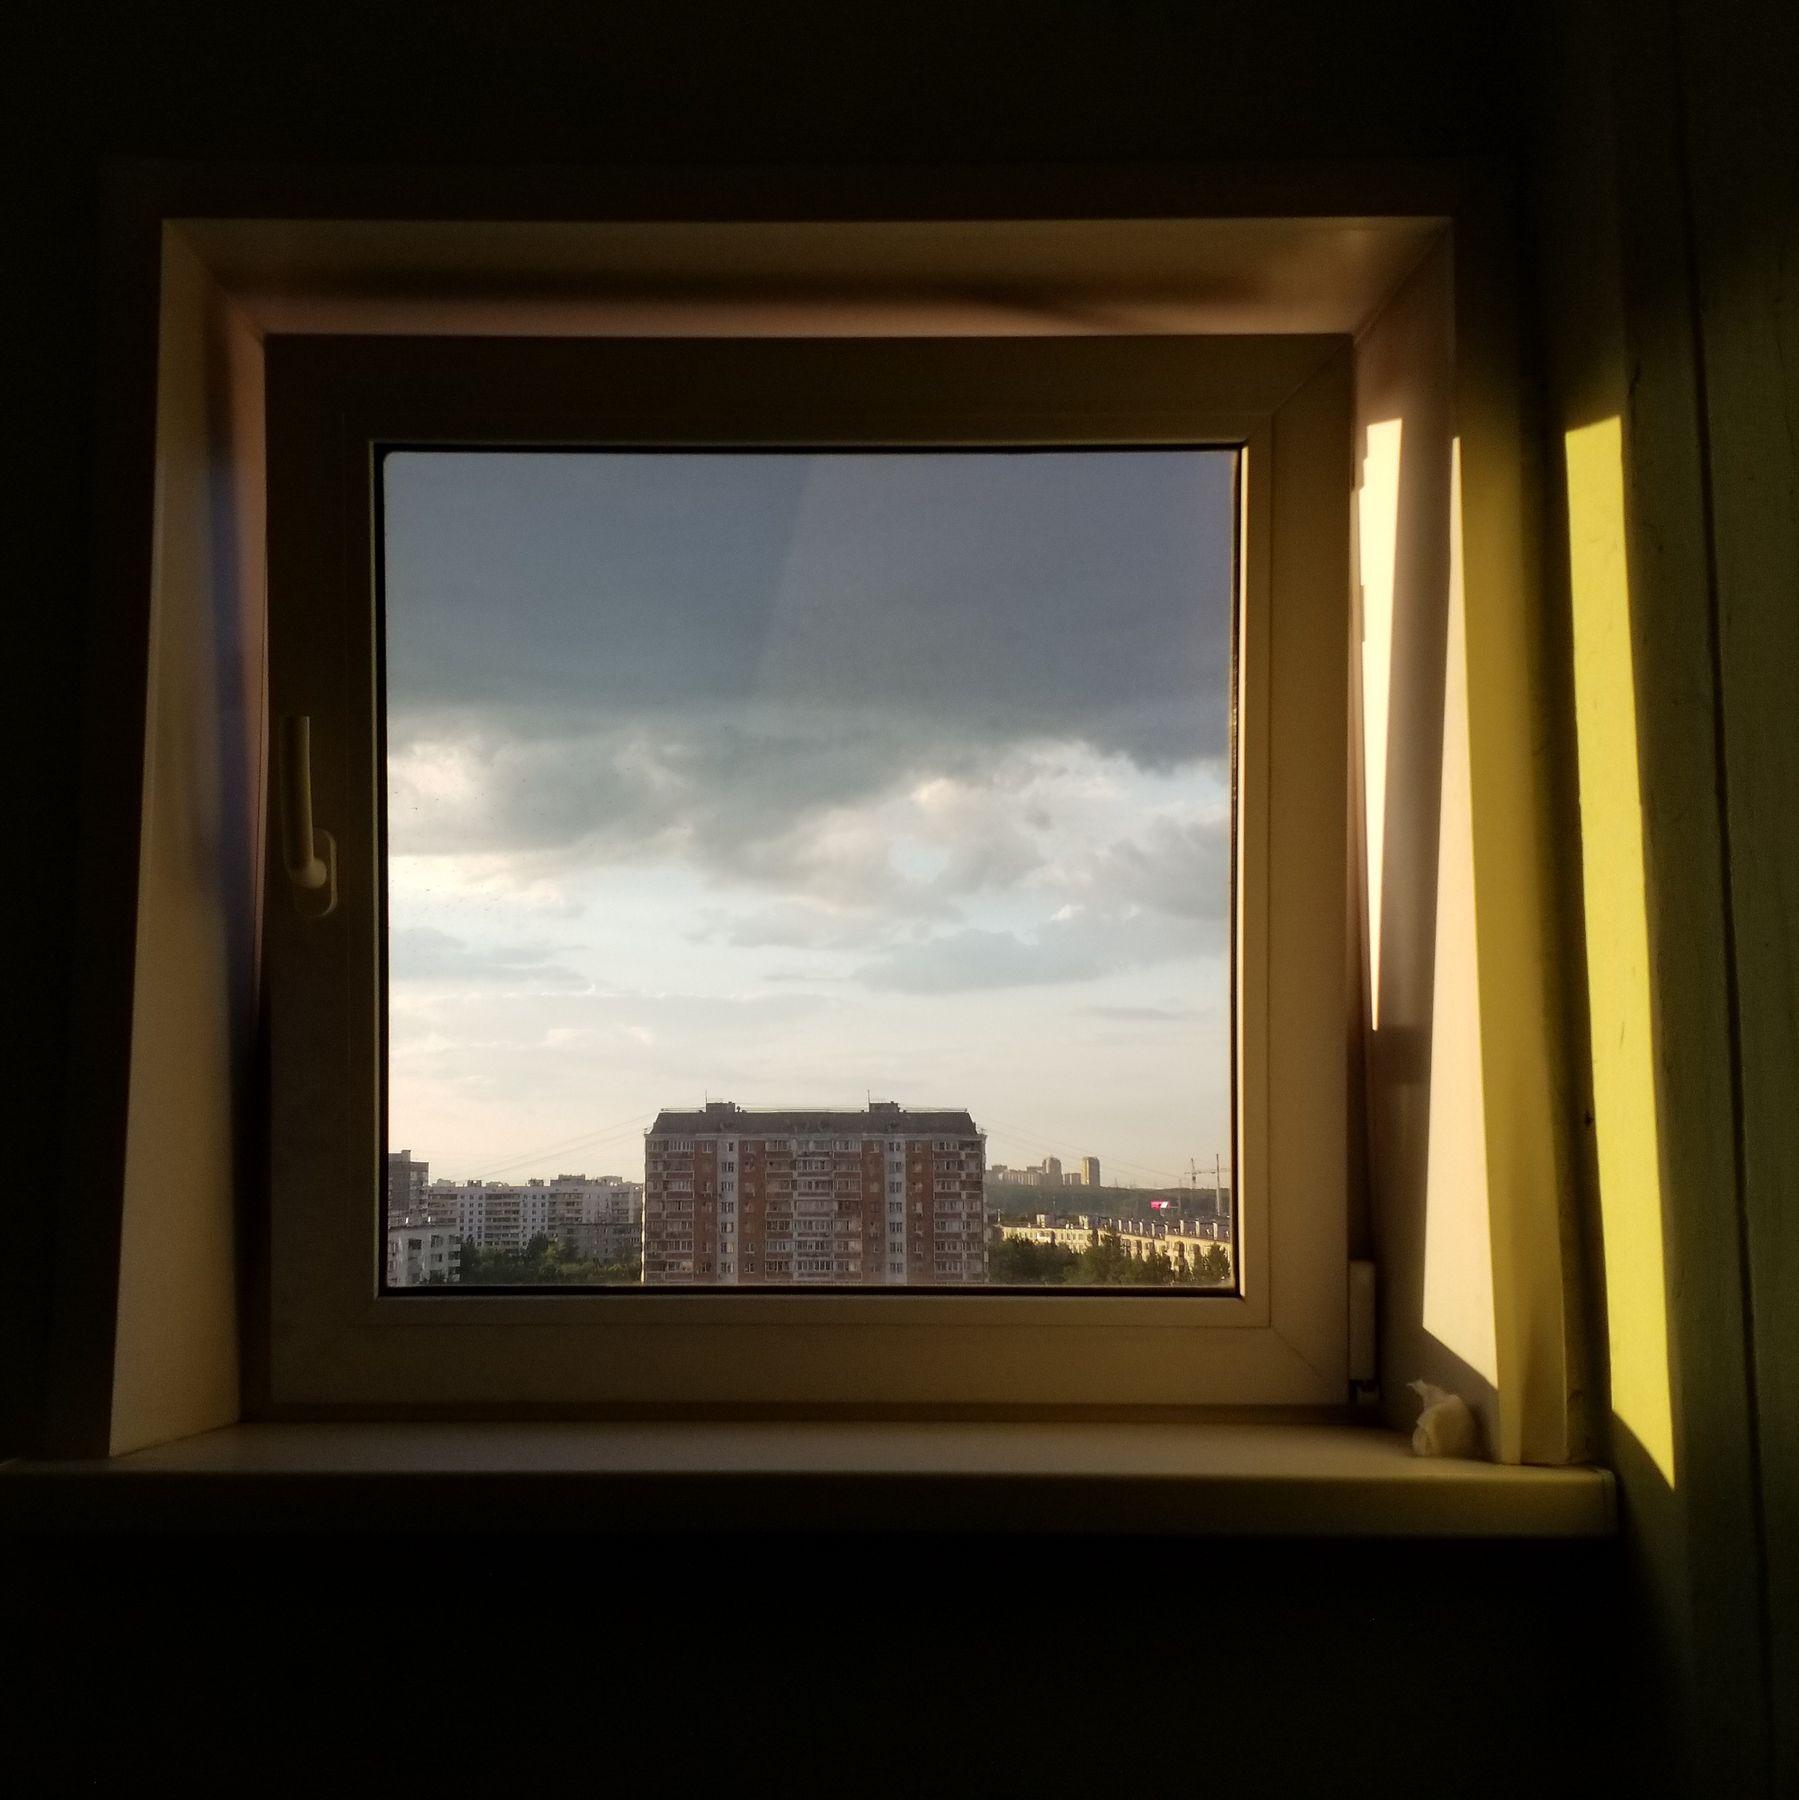 картина дня в оконной раме Моя Москва